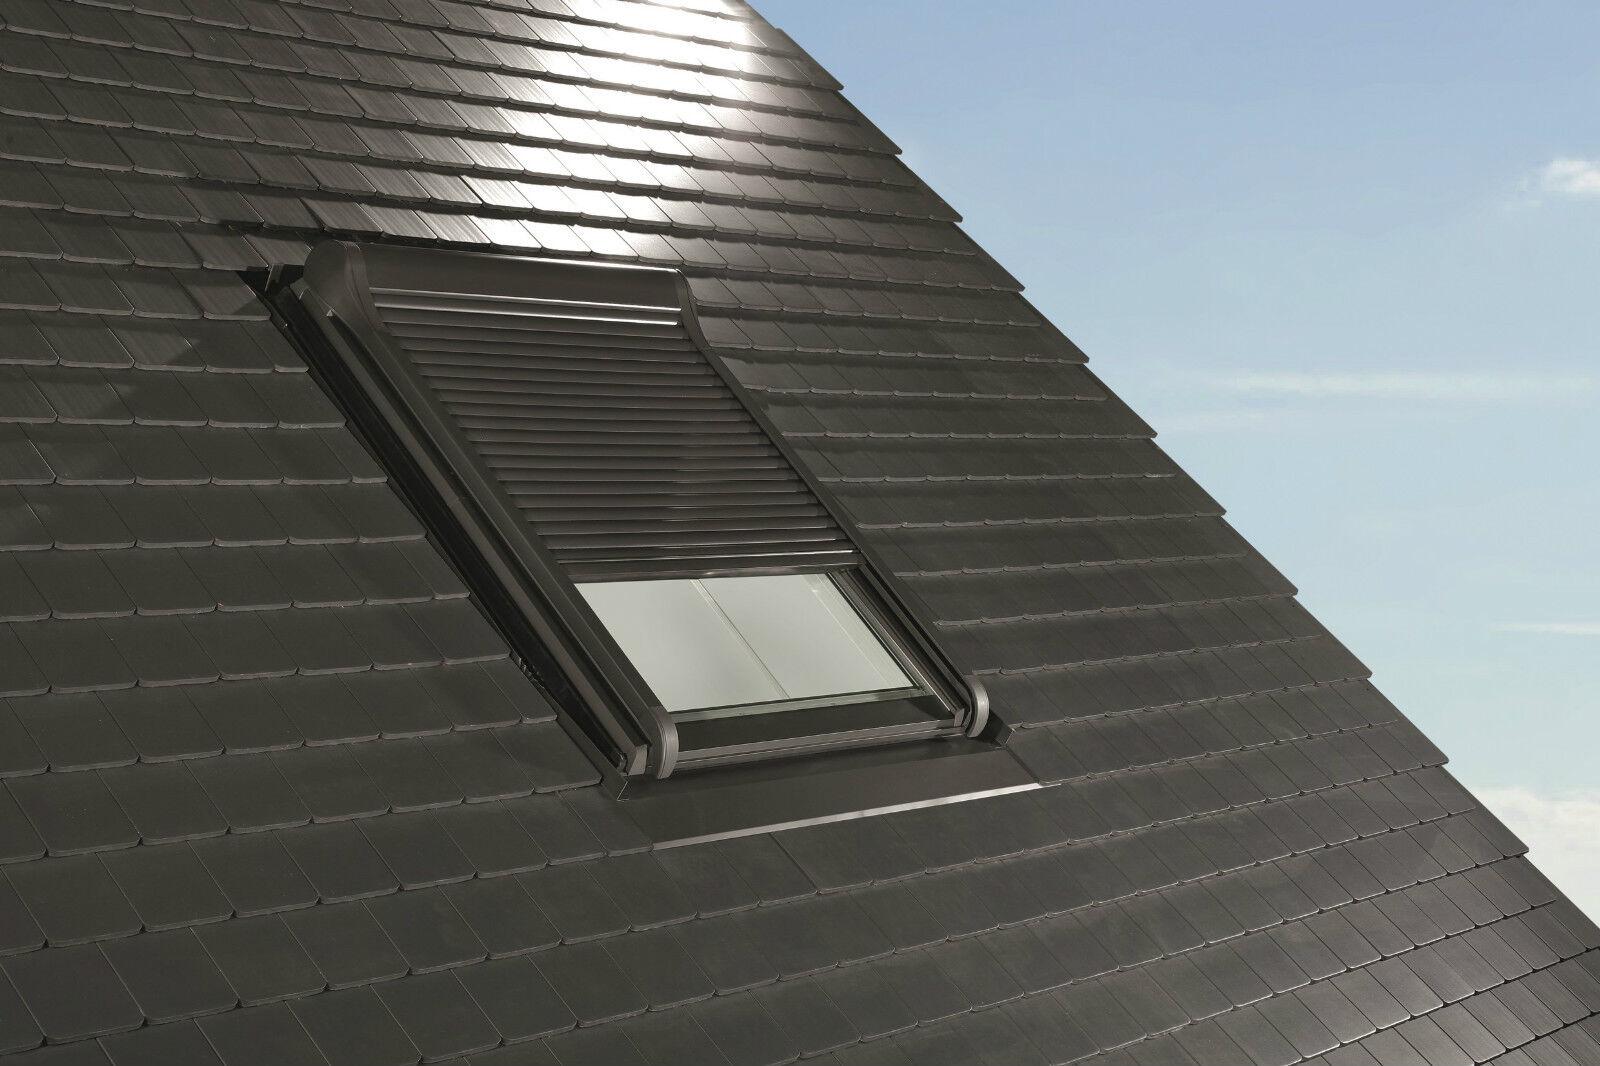 Roto Solar-Rollladen für Baureihe 43 73 Größe 06 09 (65 x 98 cm) | Online Shop Europe  | Bestellungen Sind Willkommen  | Kaufen  | Erste in seiner Klasse